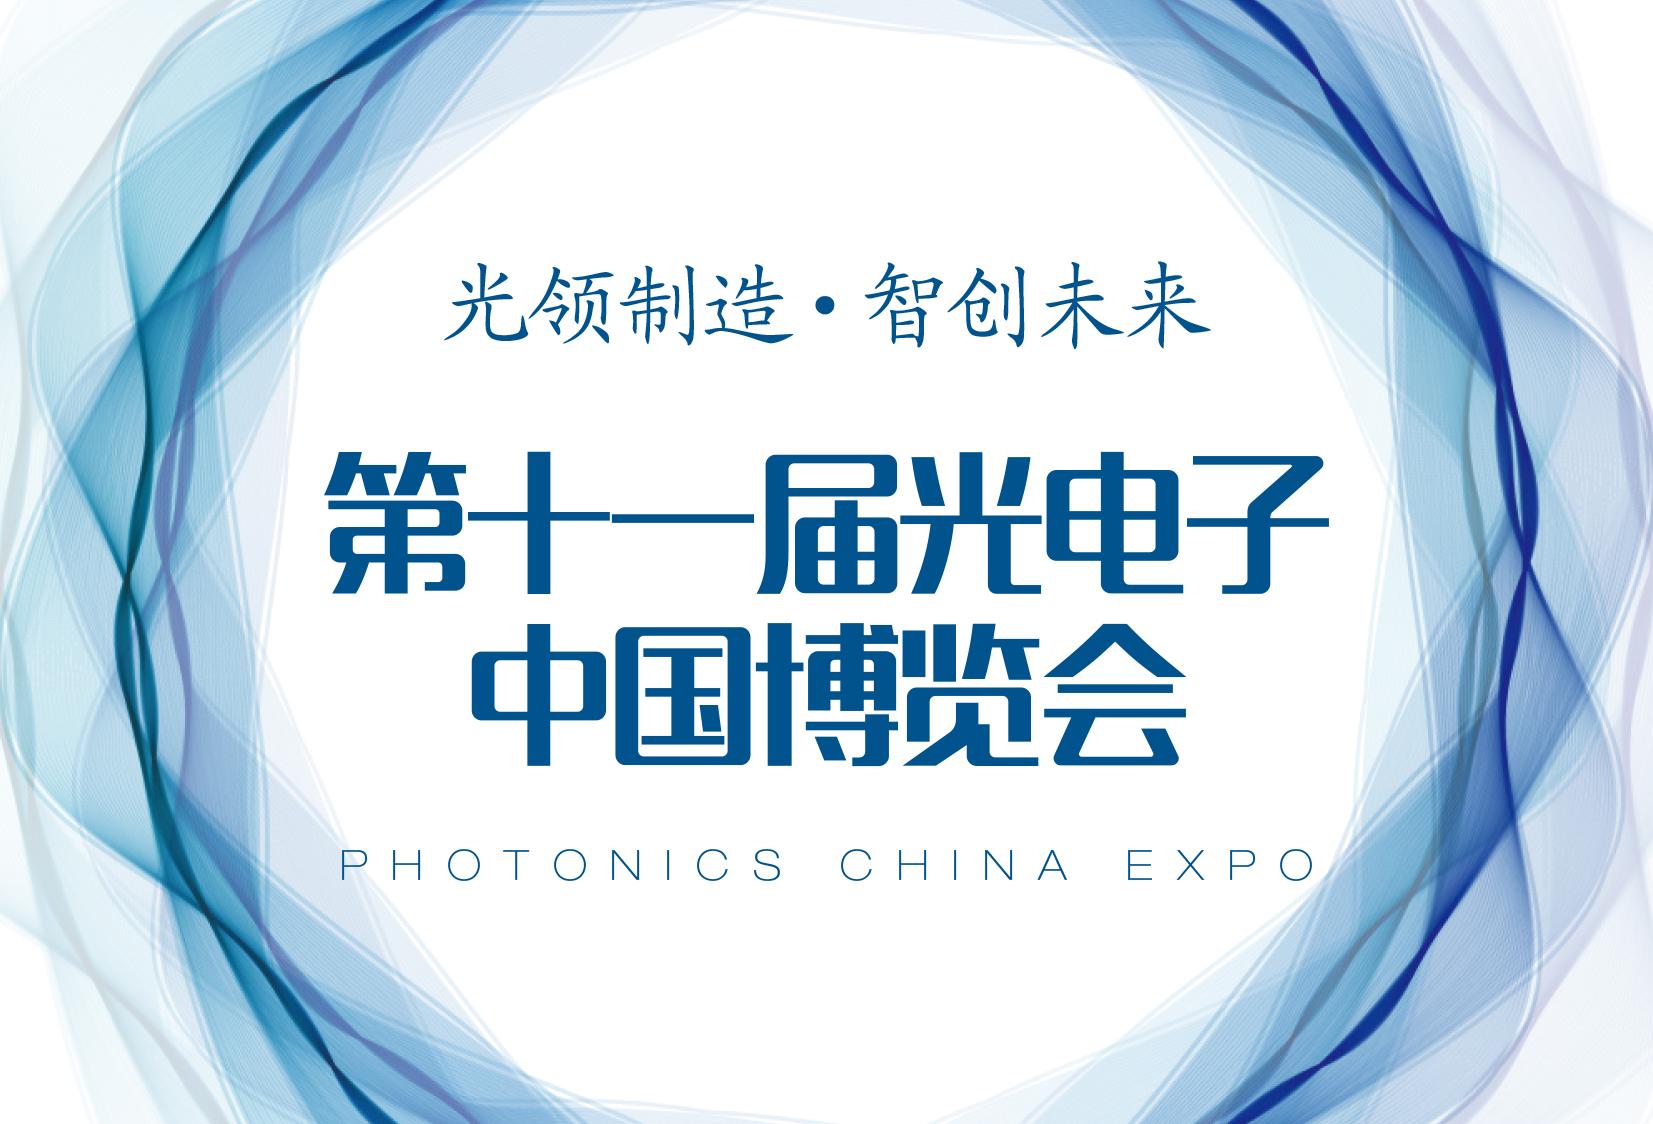 2019第十一届光电子·中国博览会